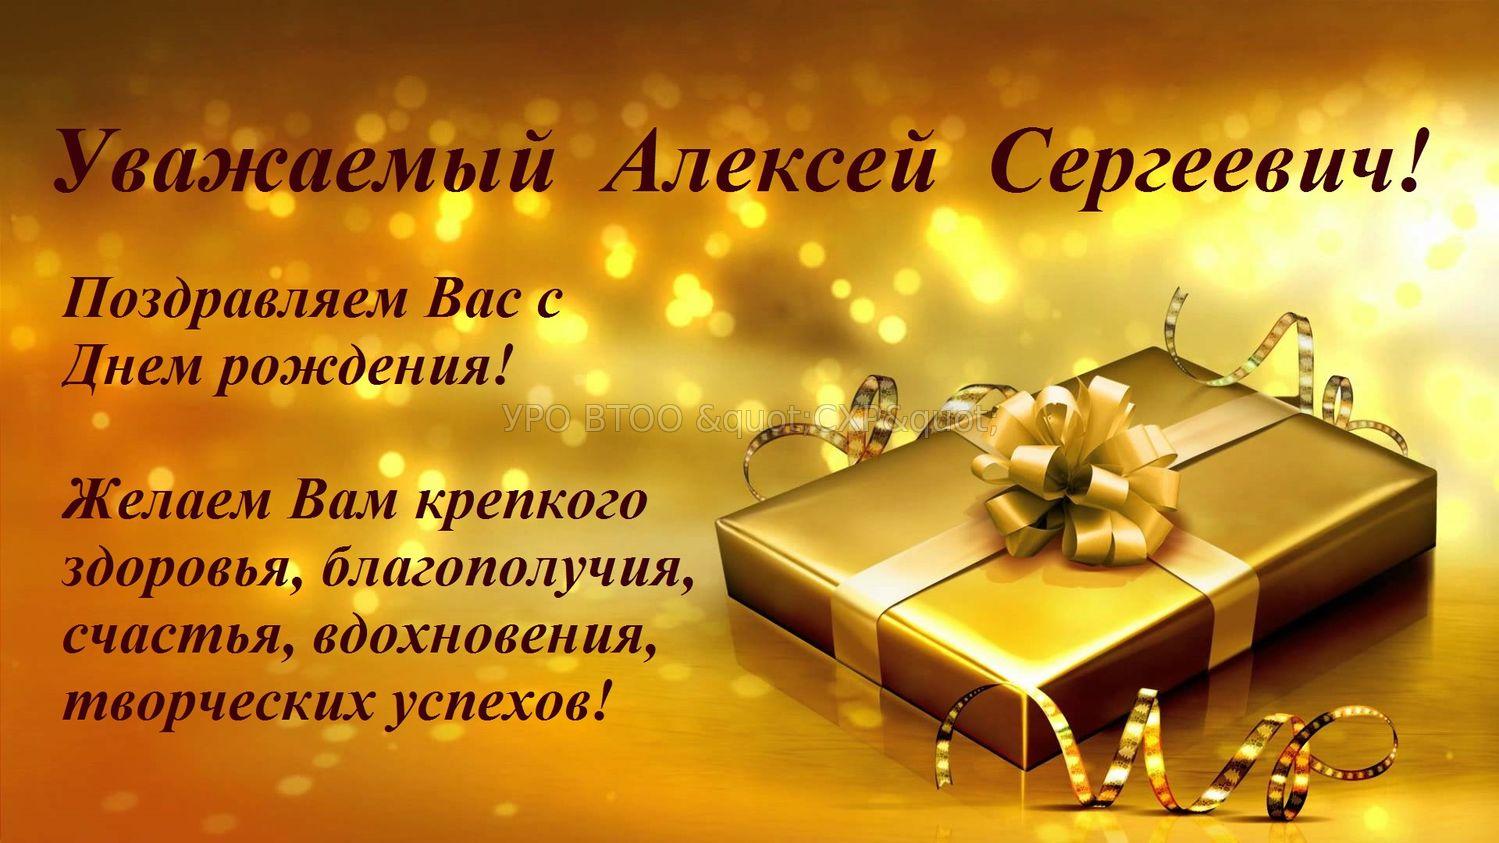 Открытки и картинки с Днем рождения, Алексей!